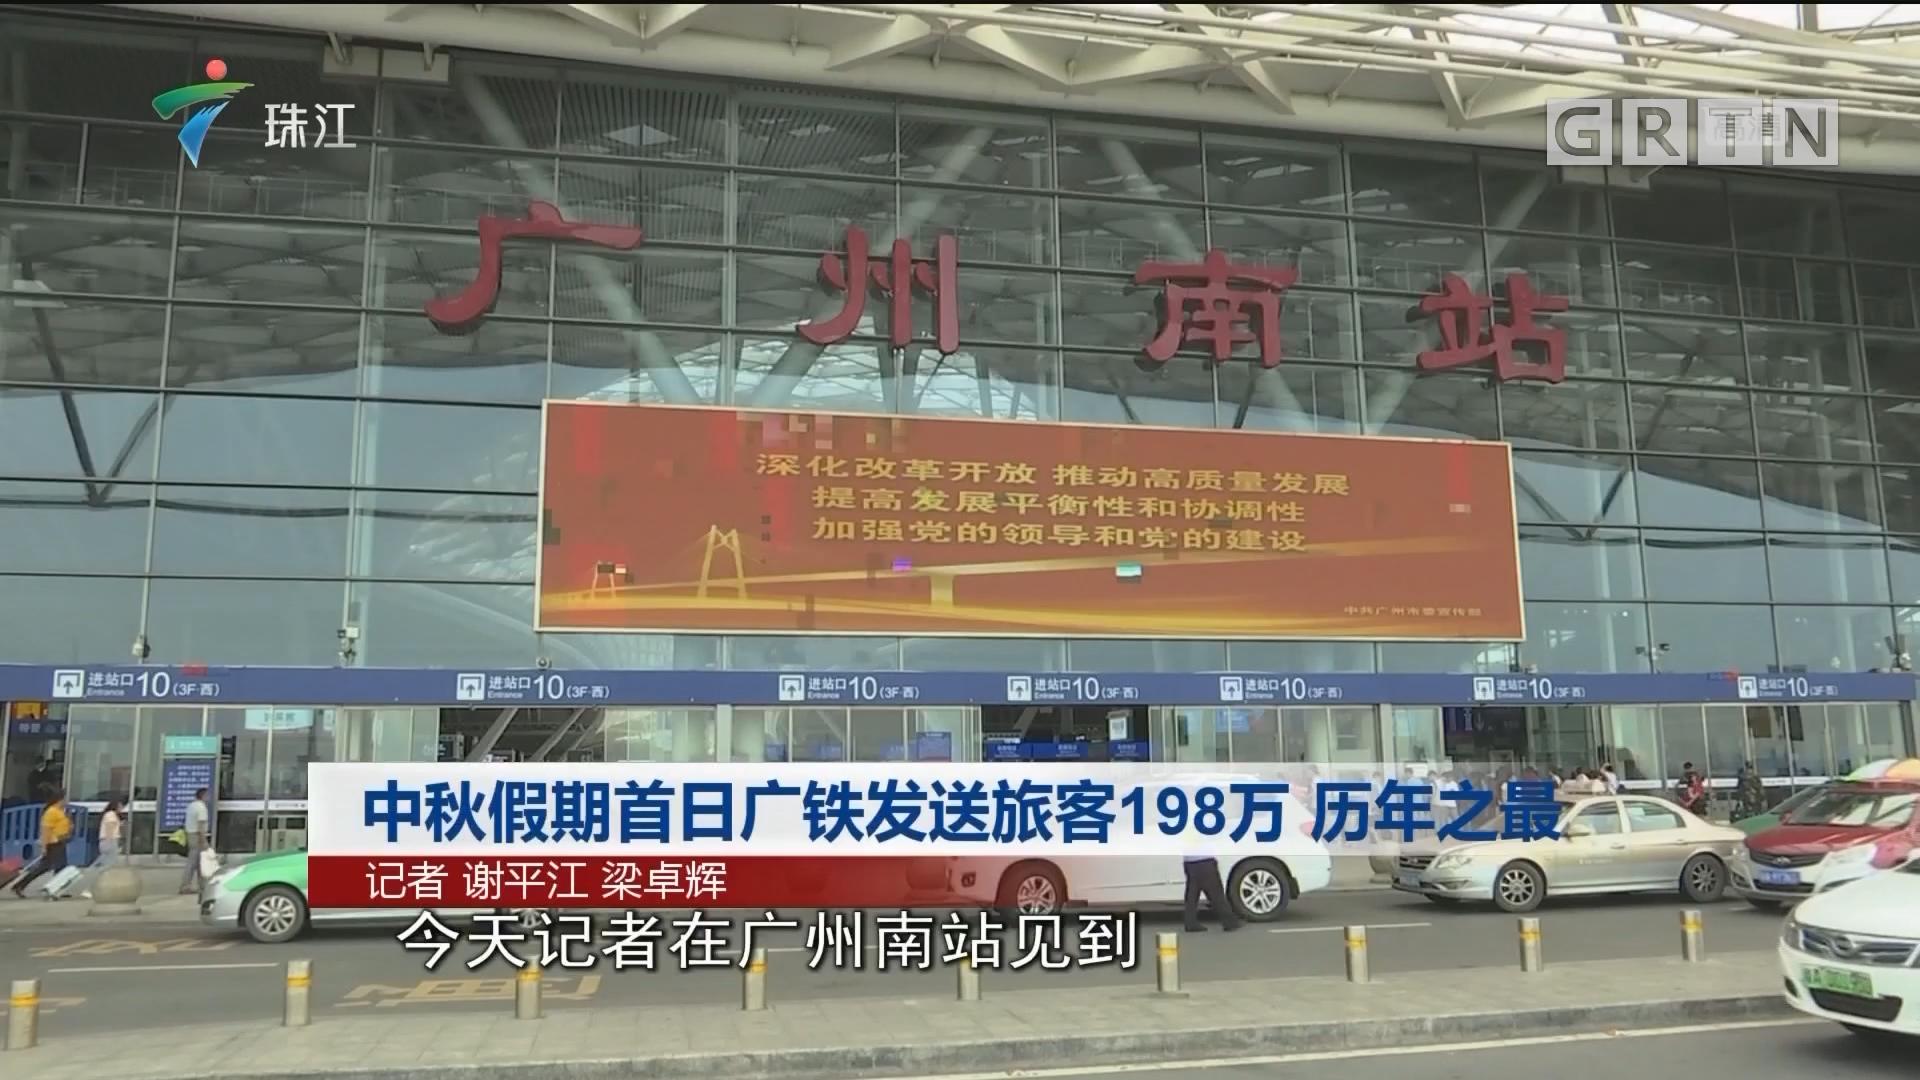 中秋假期首日广铁发送旅客198万 历年之最